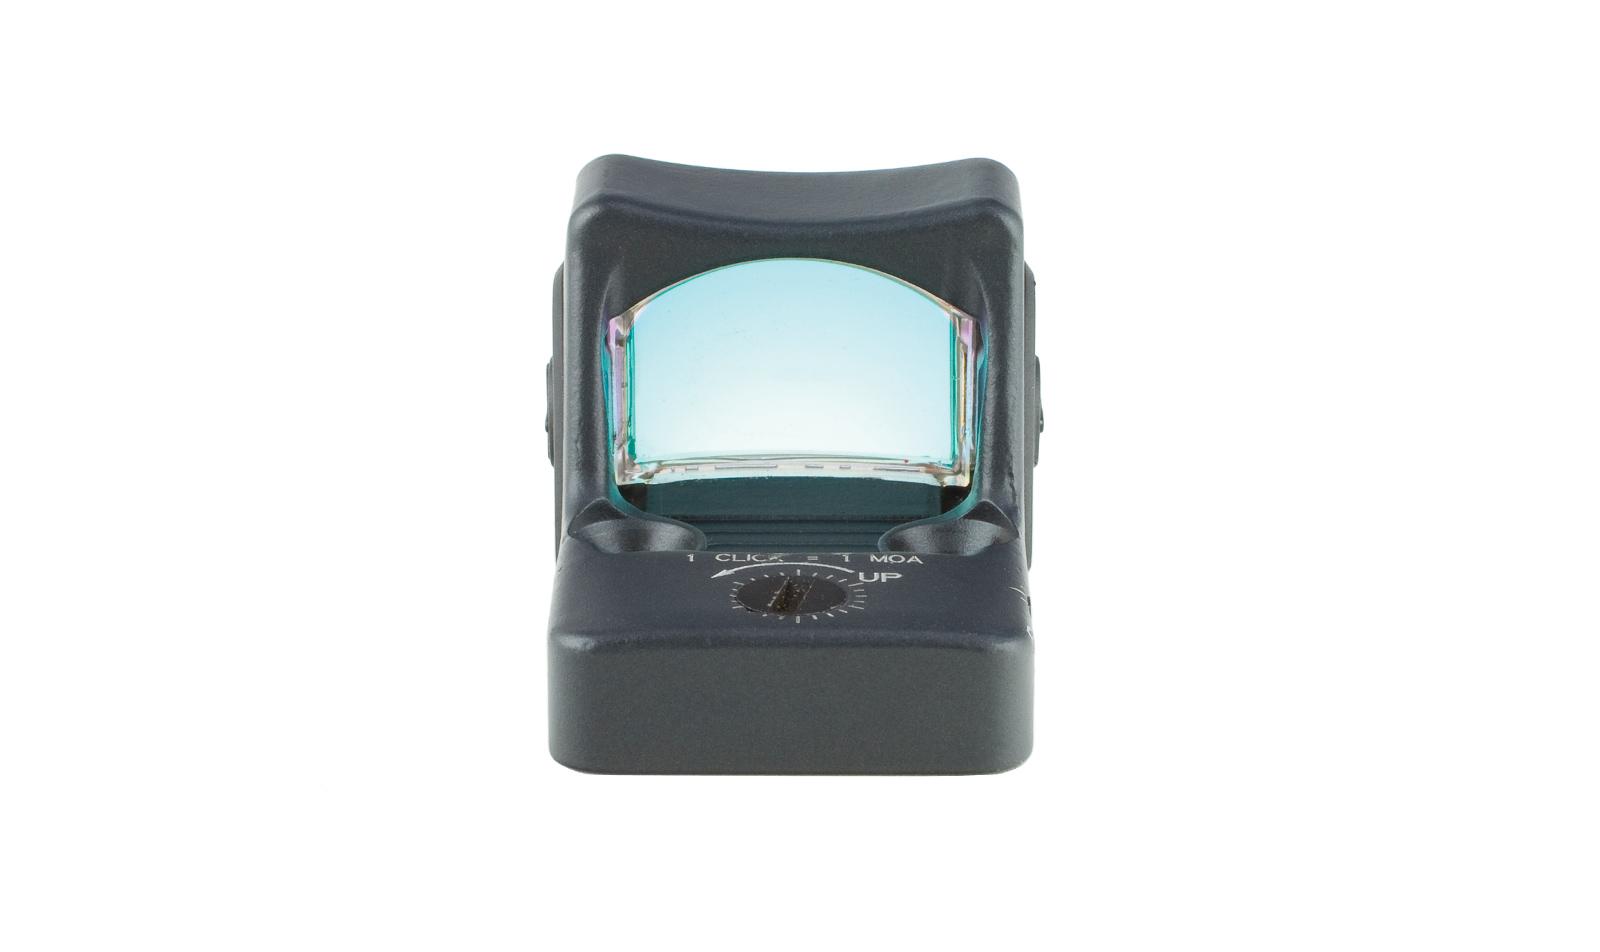 RM09-C-700743 angle 4